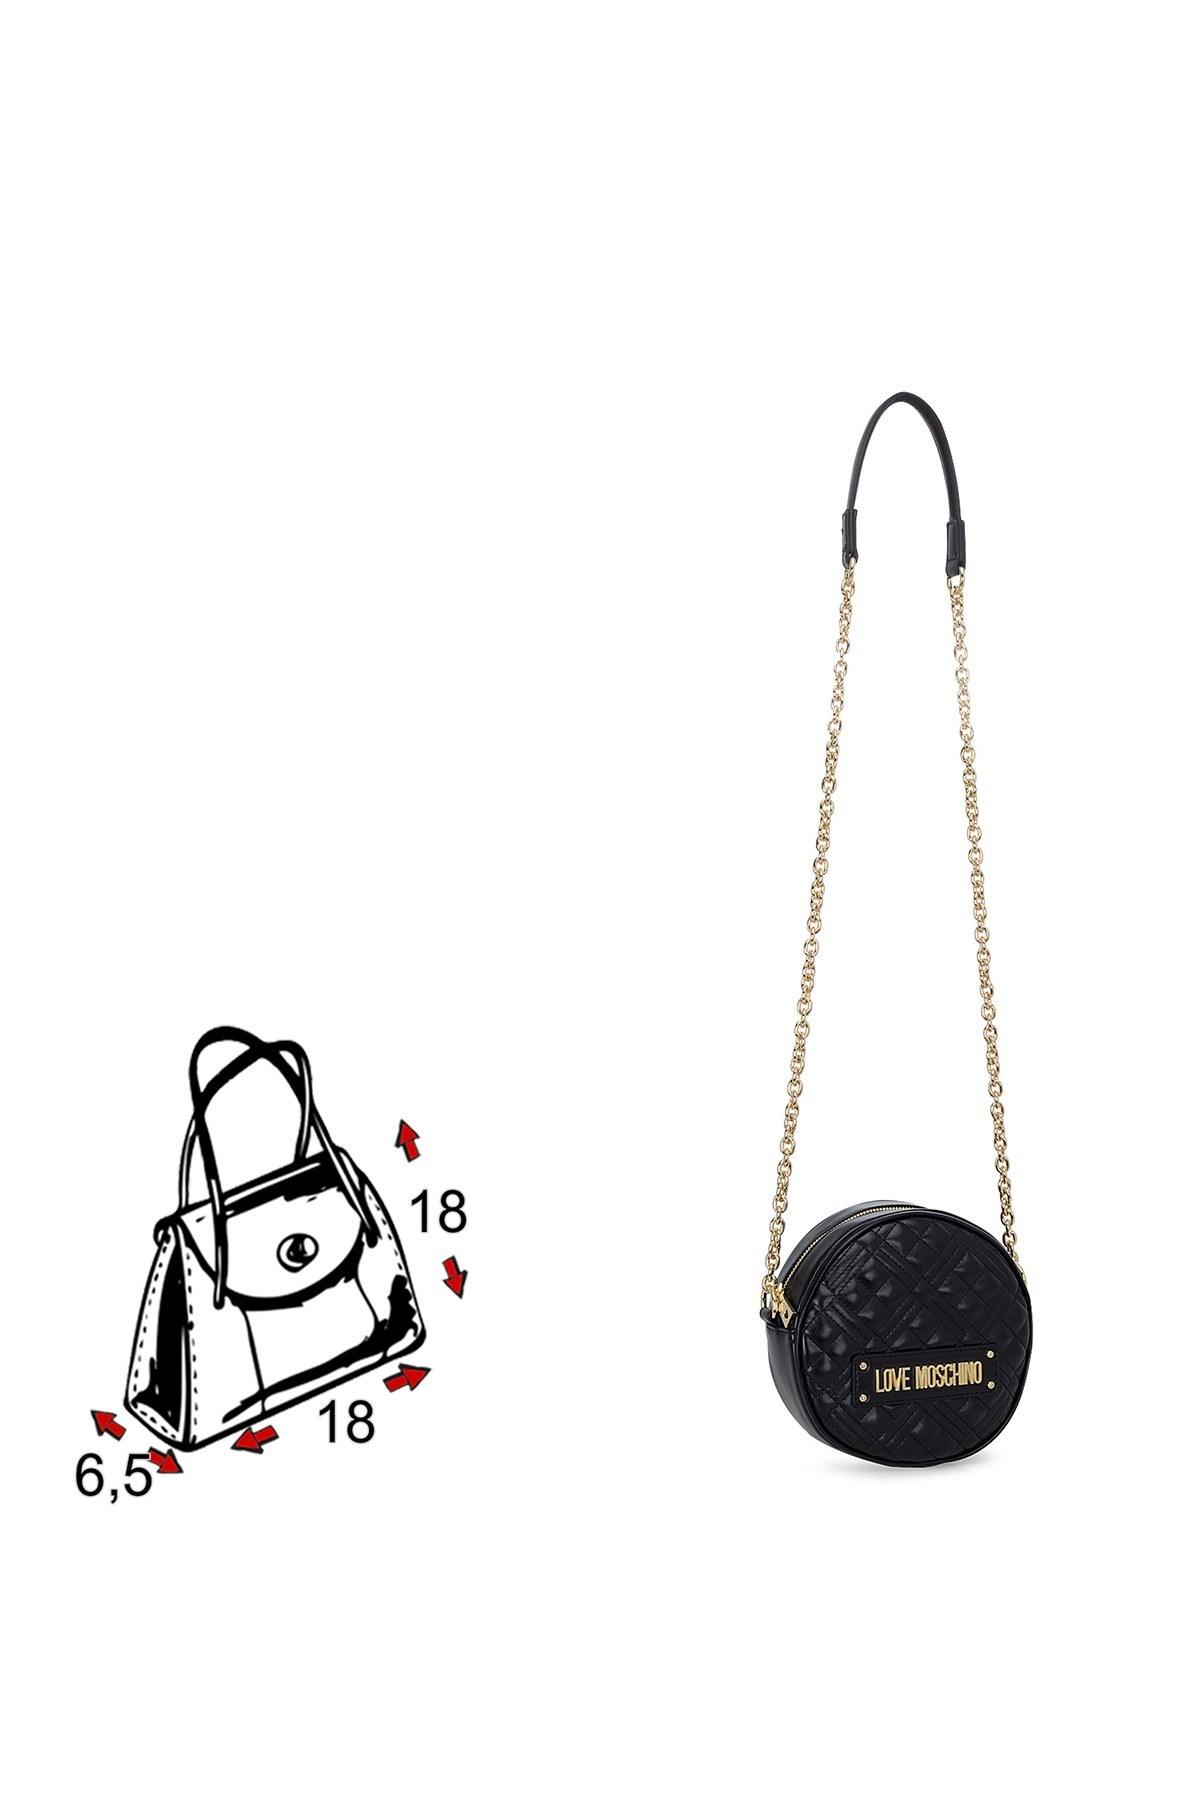 Love Moschino Logo Baskılı Ayarlanabilir Zincir Omuz Askılı Kadın Çanta JC4003PP1BLA0000 SİYAH